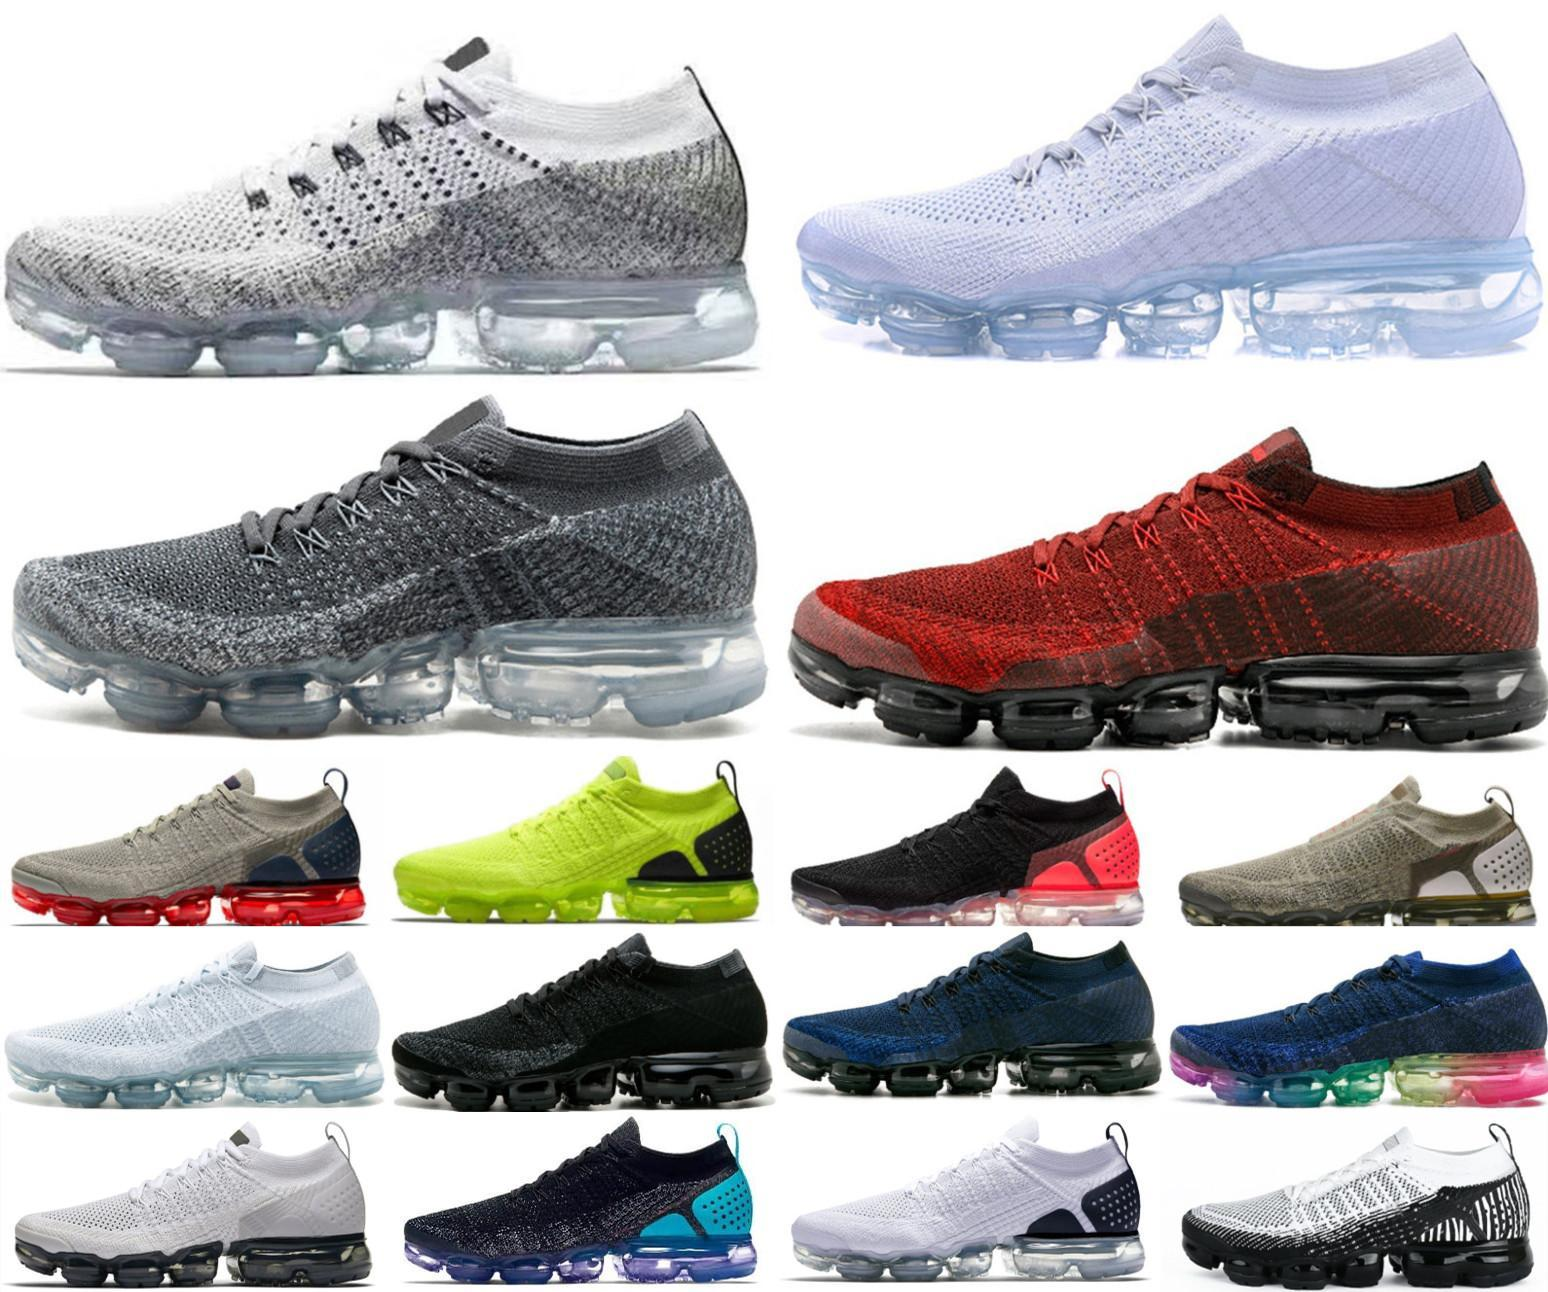 صحيح 2.0 يطير النساء الرجال 3.0 الأسود الثلاثي moc الاحذية البيضاء chaussures البرتقال الذهب حذاء رياضة المدربين الرياضة أحذية رياضية